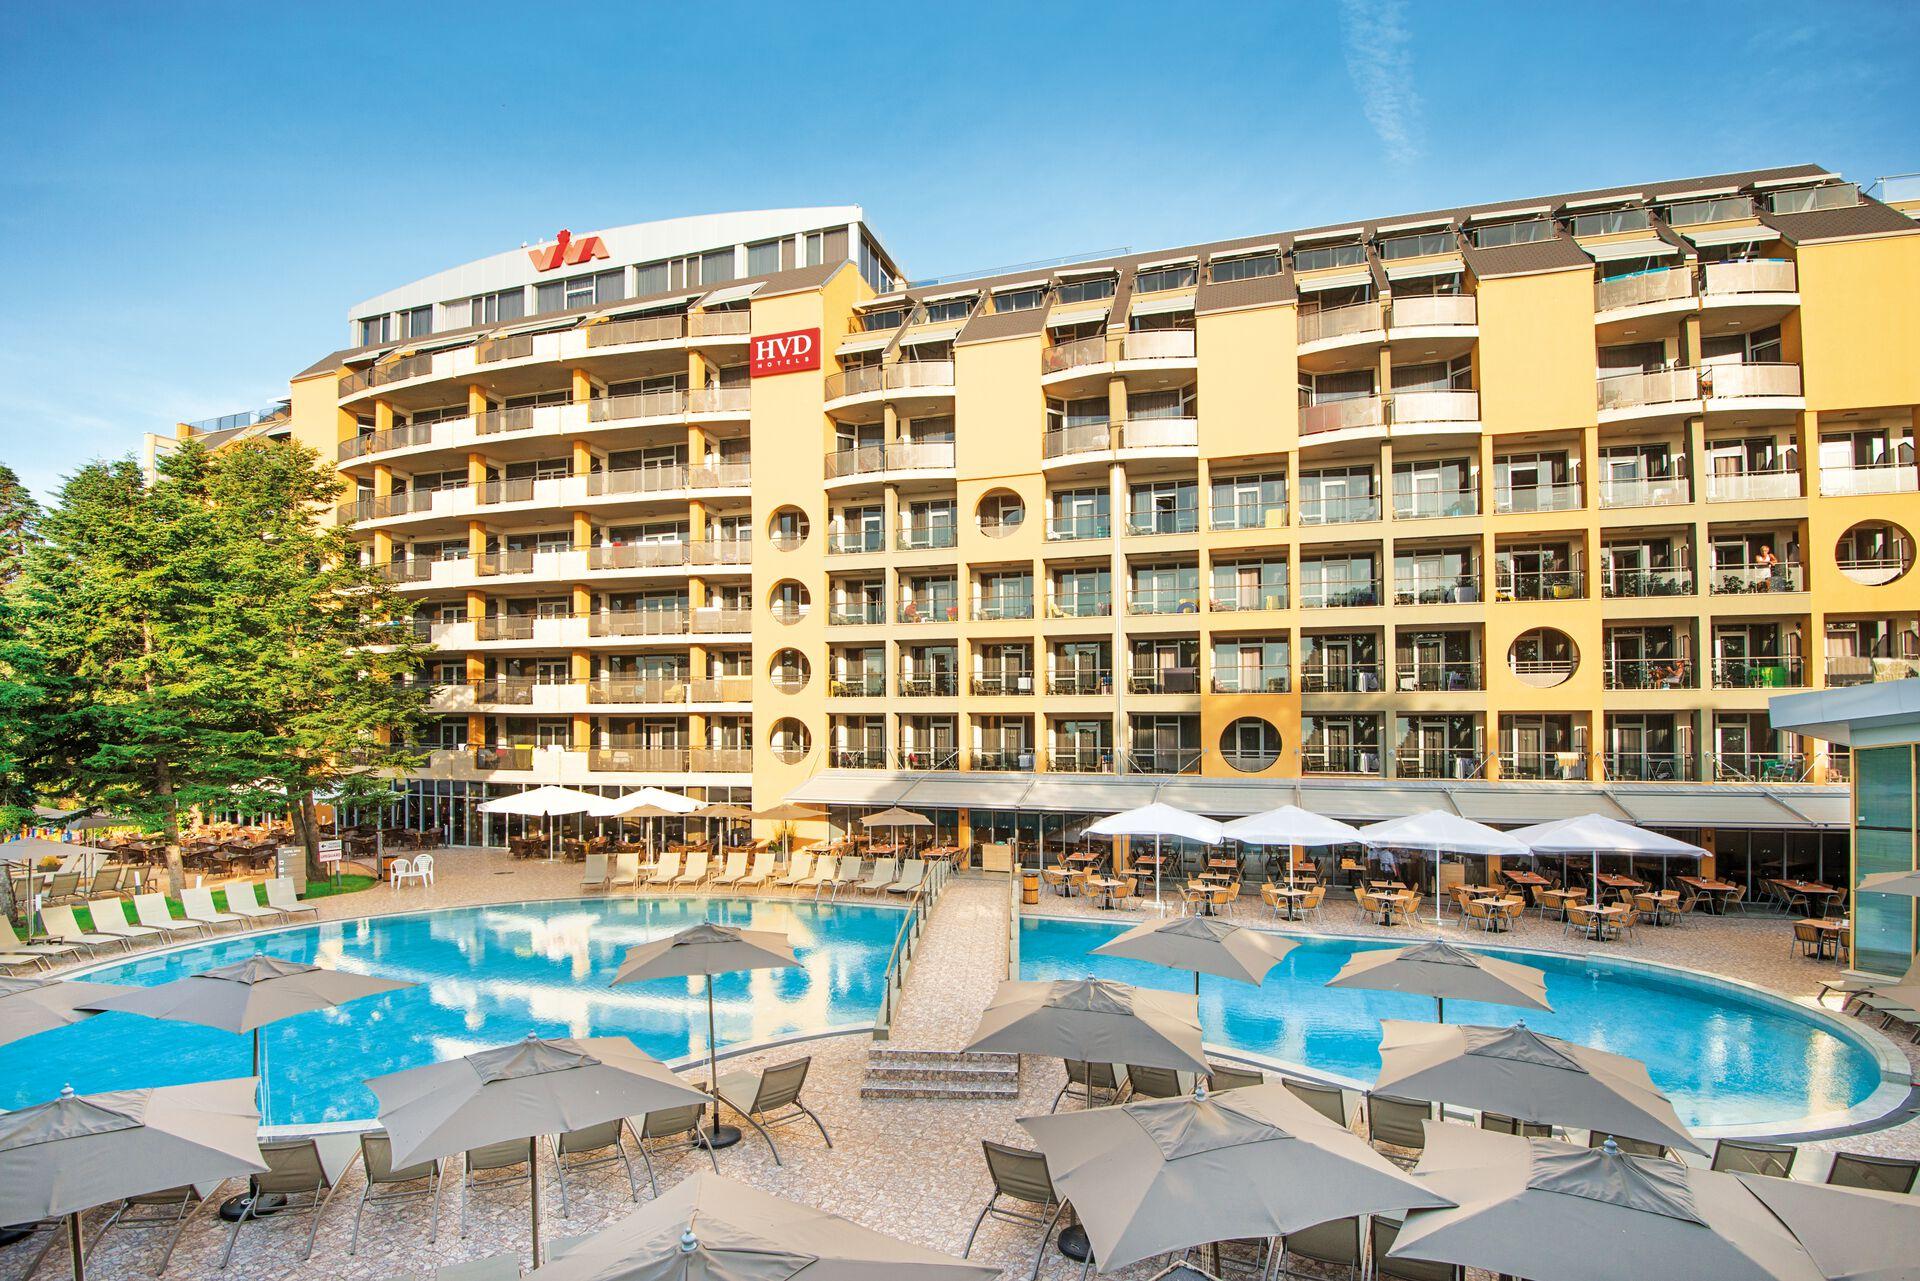 HVD Hotel Viva - 4*